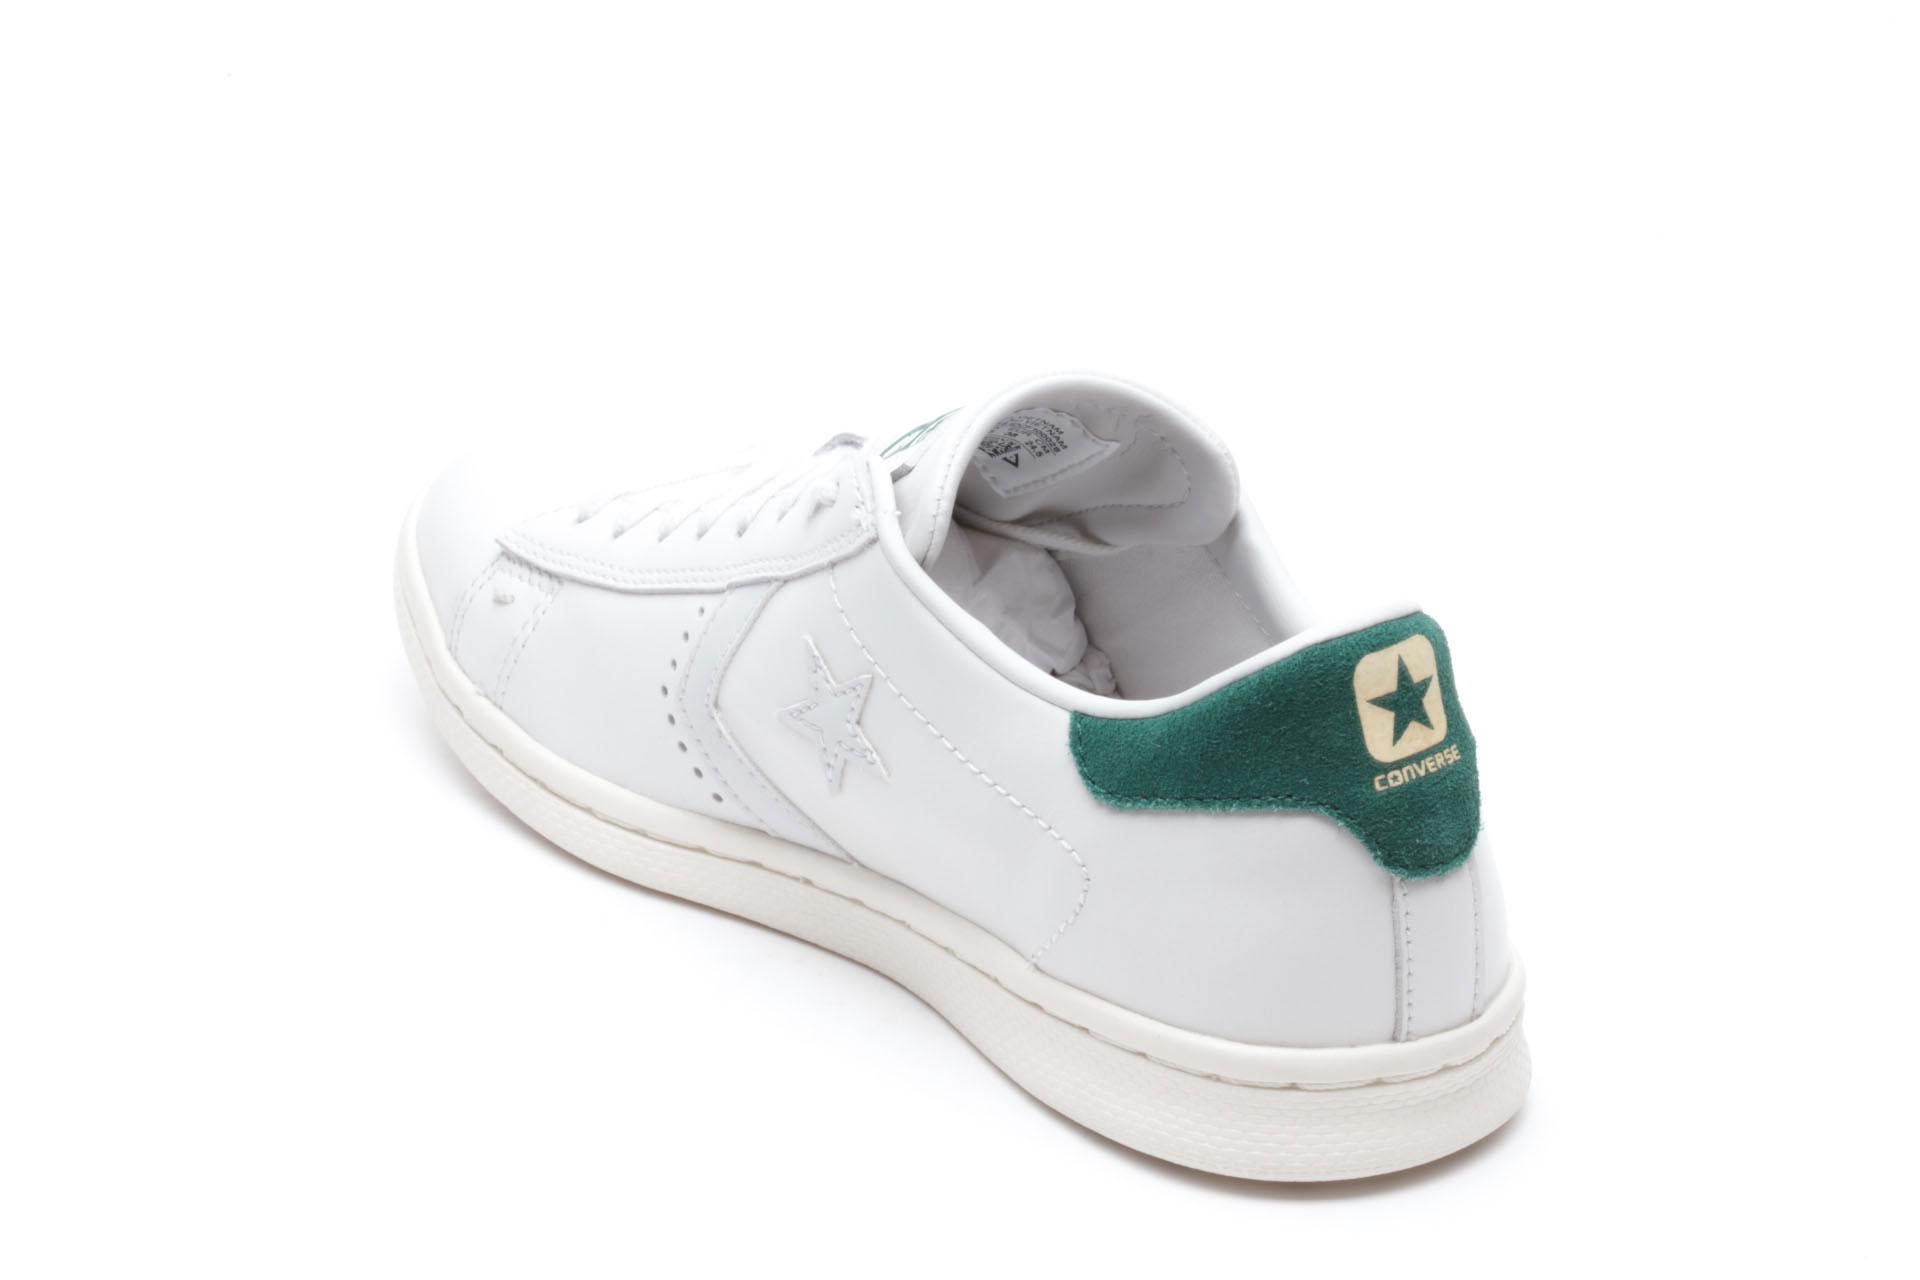 Converse Pro Leather – Bianca Tallone Verde – Borgarello